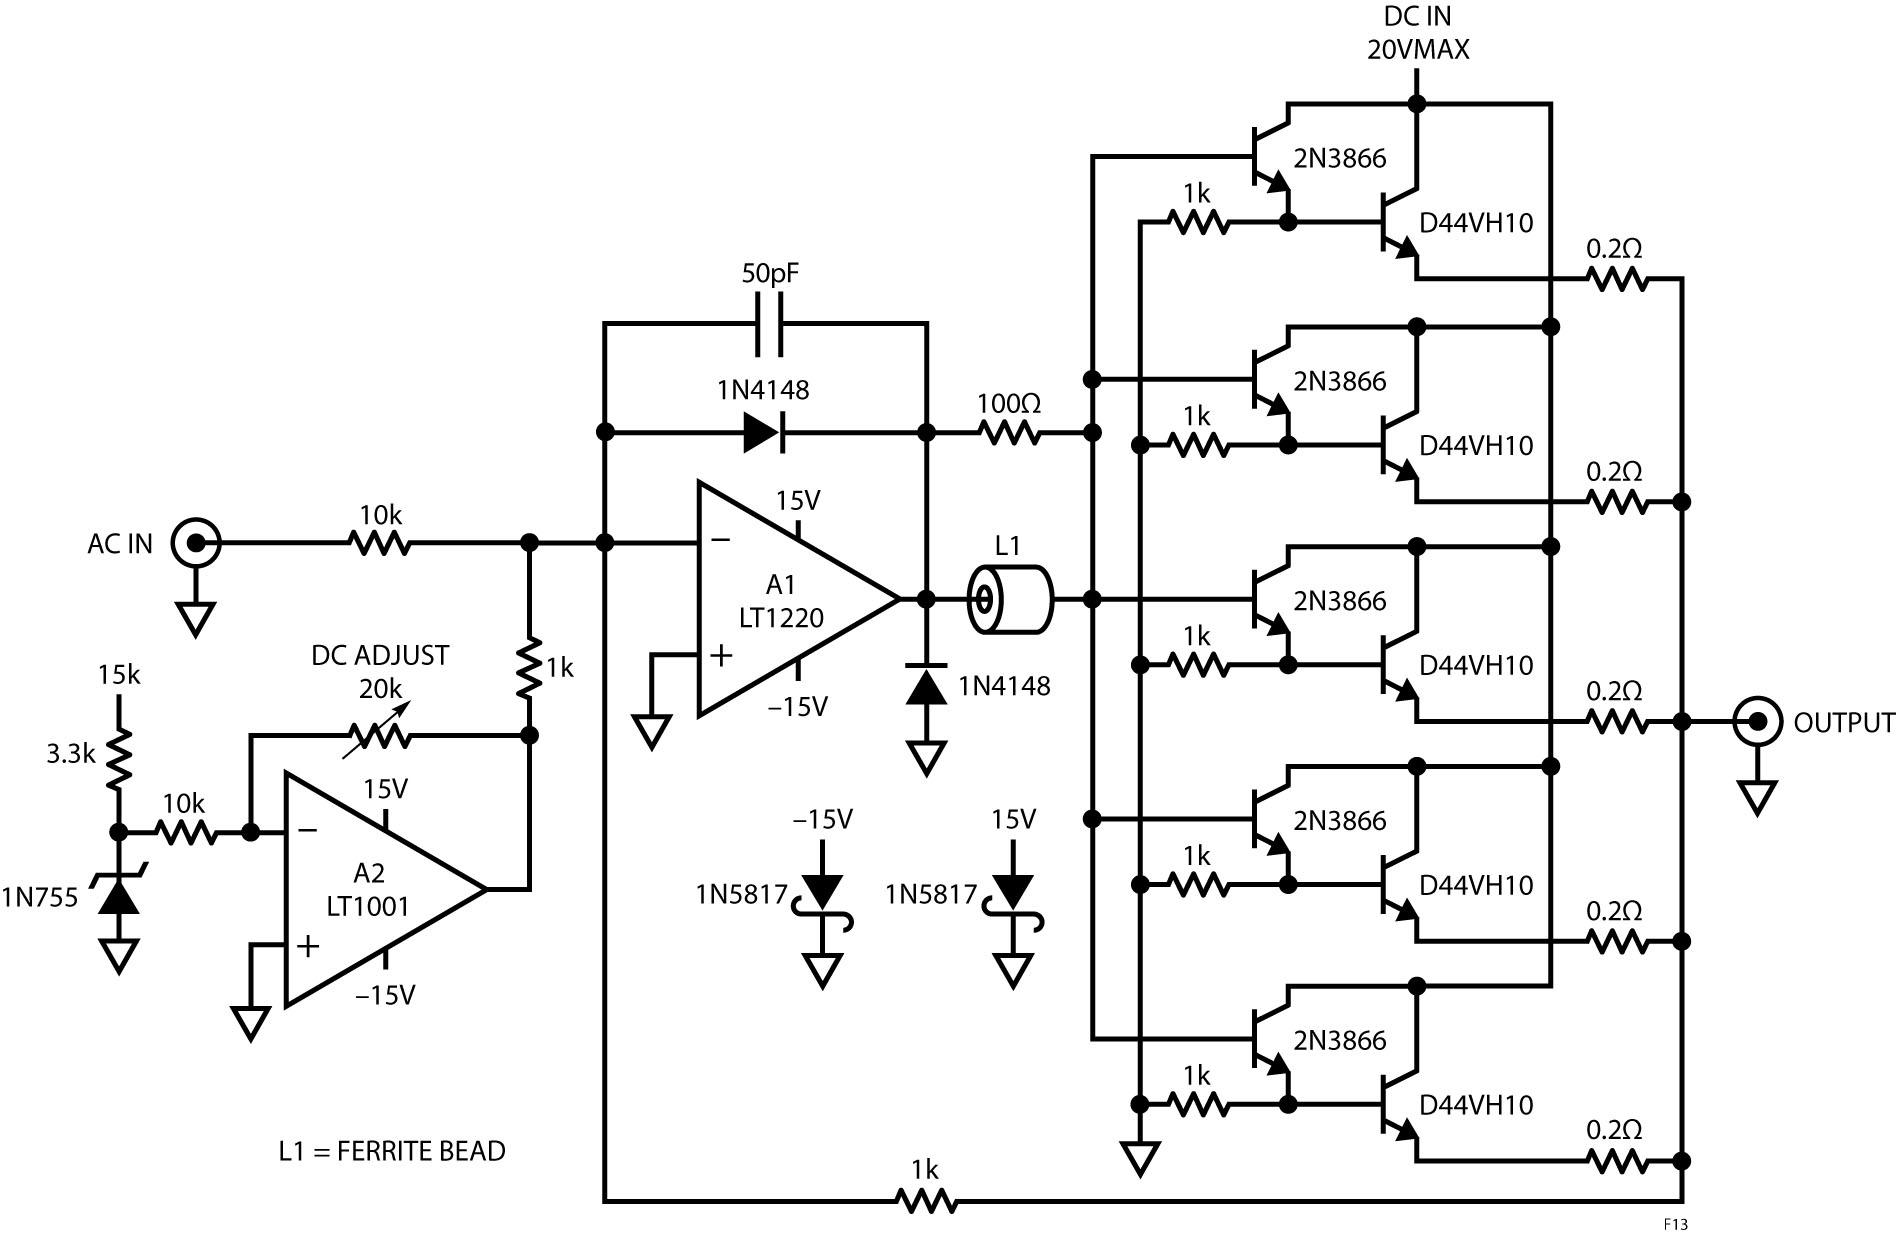 Figura 13. La scheda di pilotaggio somma le tensioni in corrente continua e alternata per fornire una corrente di molti ampere a frequenze sino a 10MHz.